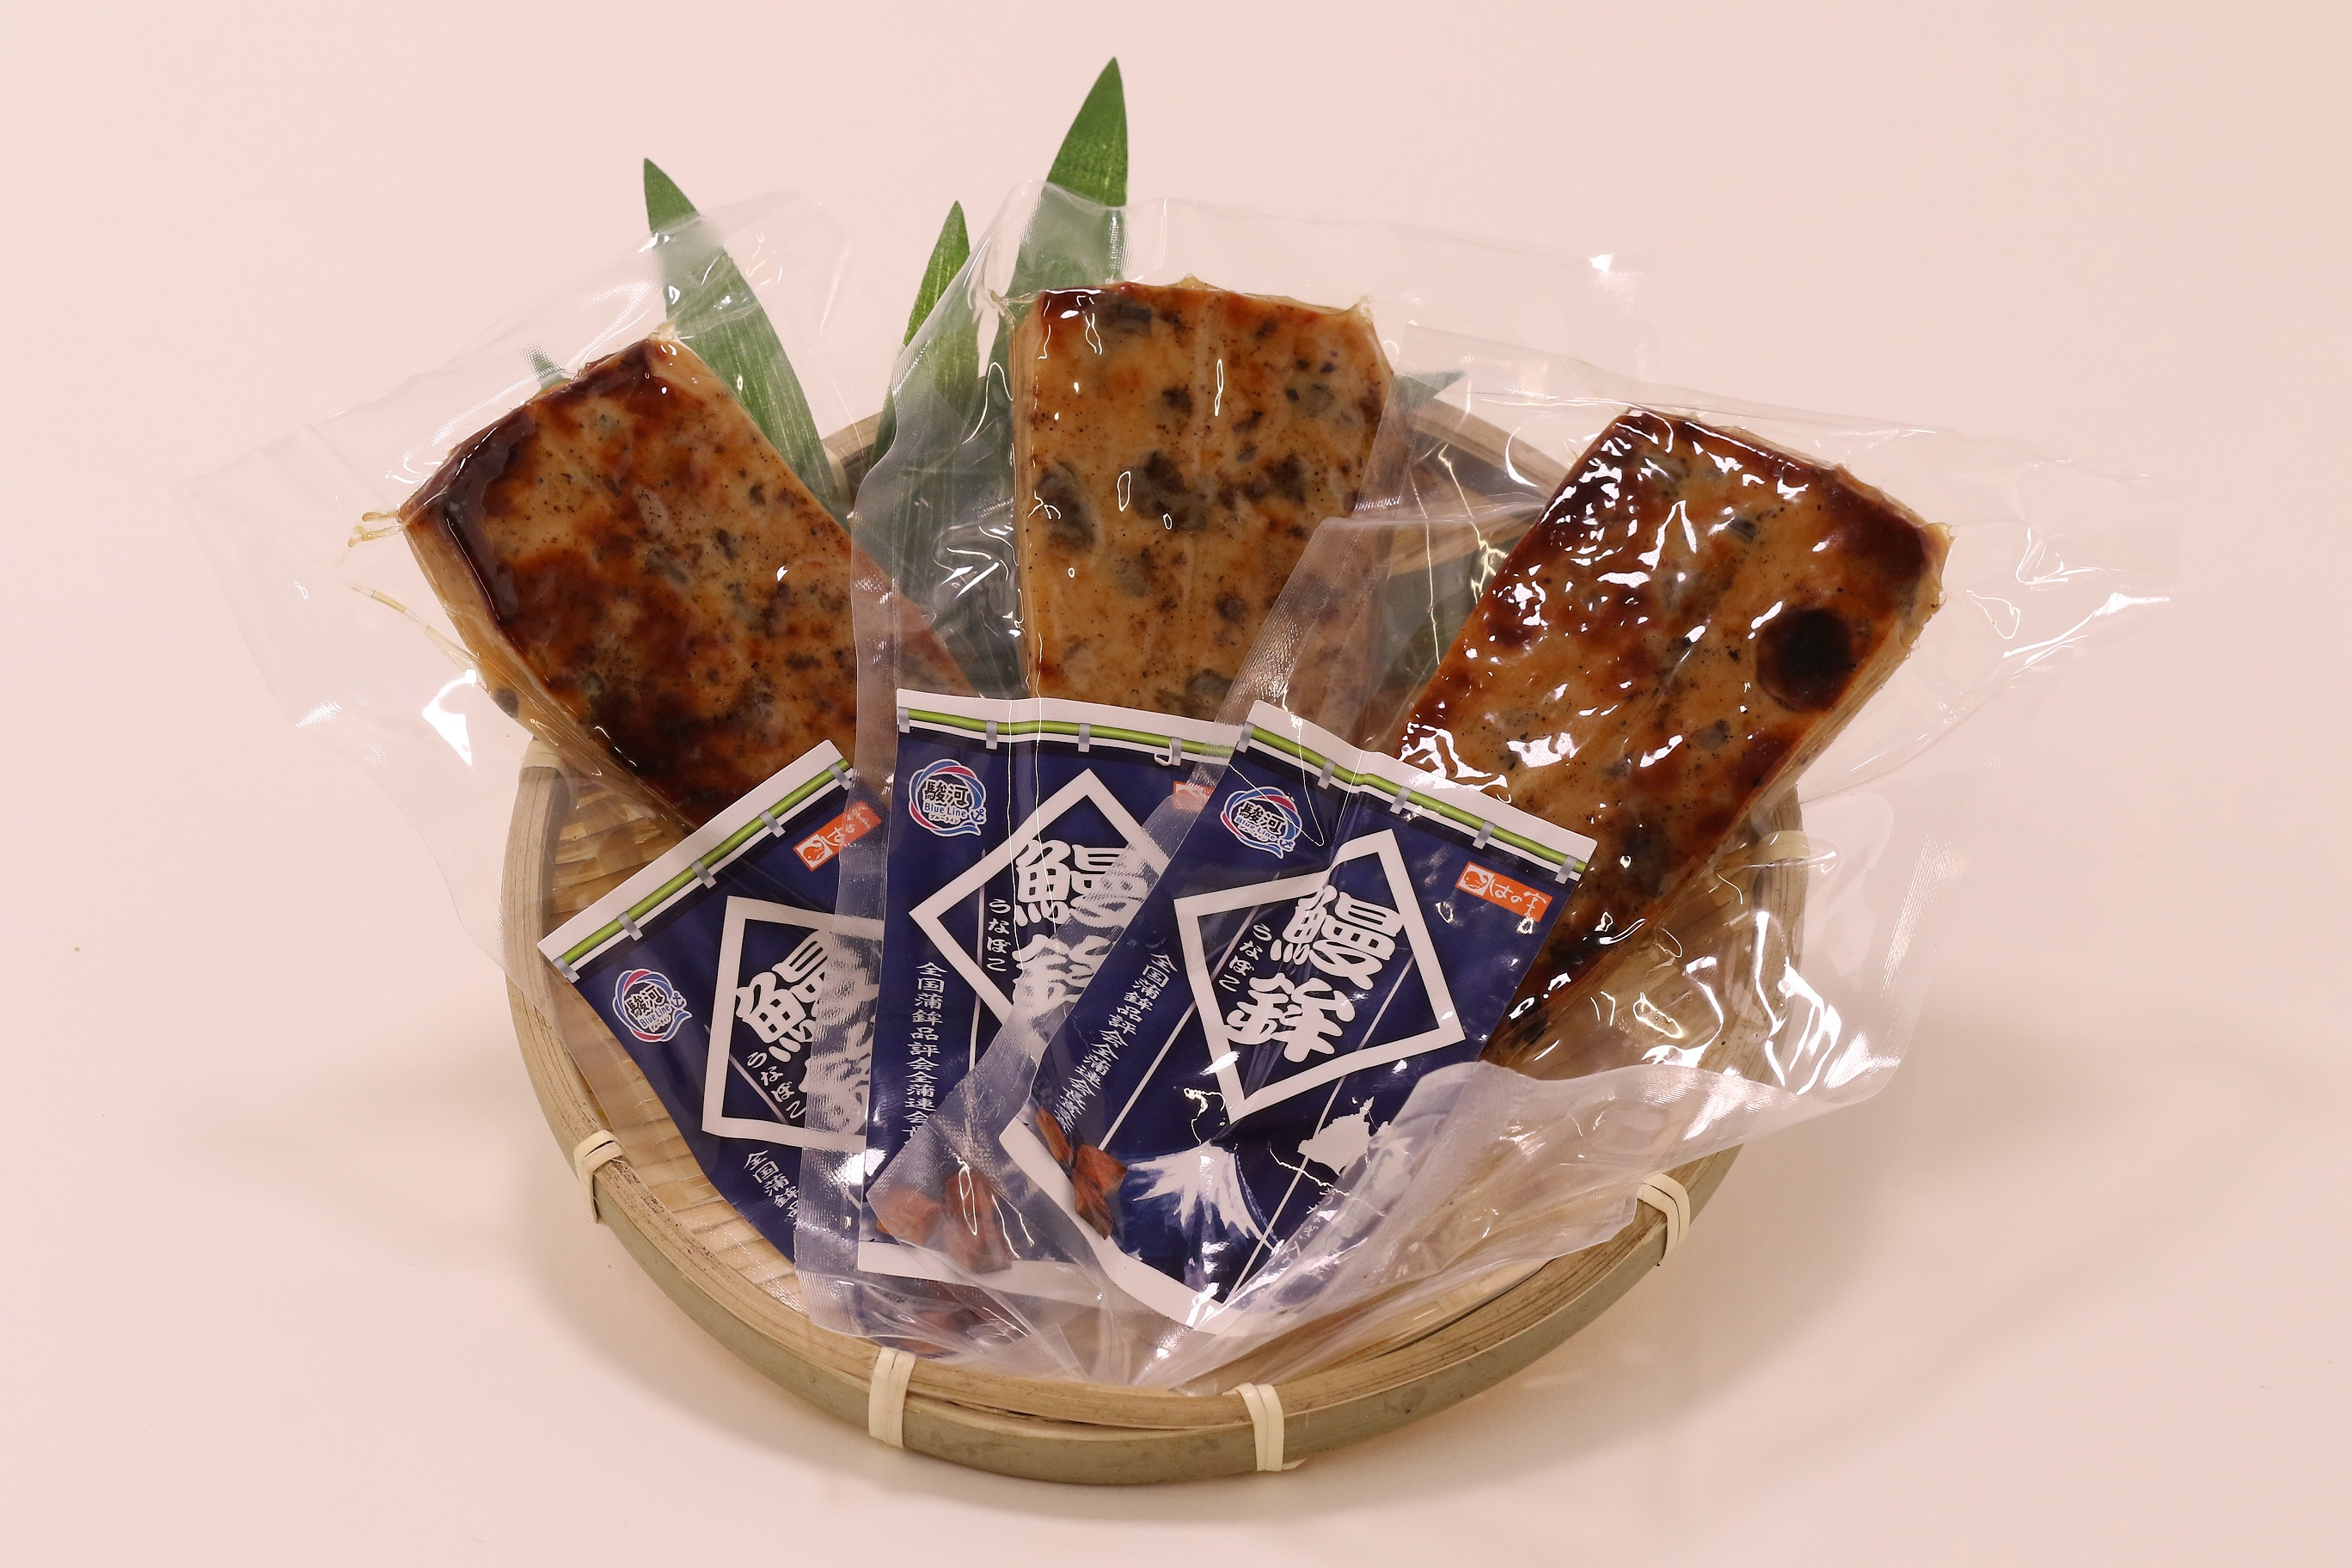 【土用の丑の日は7月28日(水)です!】うなぎ入り蒲鉾「鰻鉾」のシーズンです!